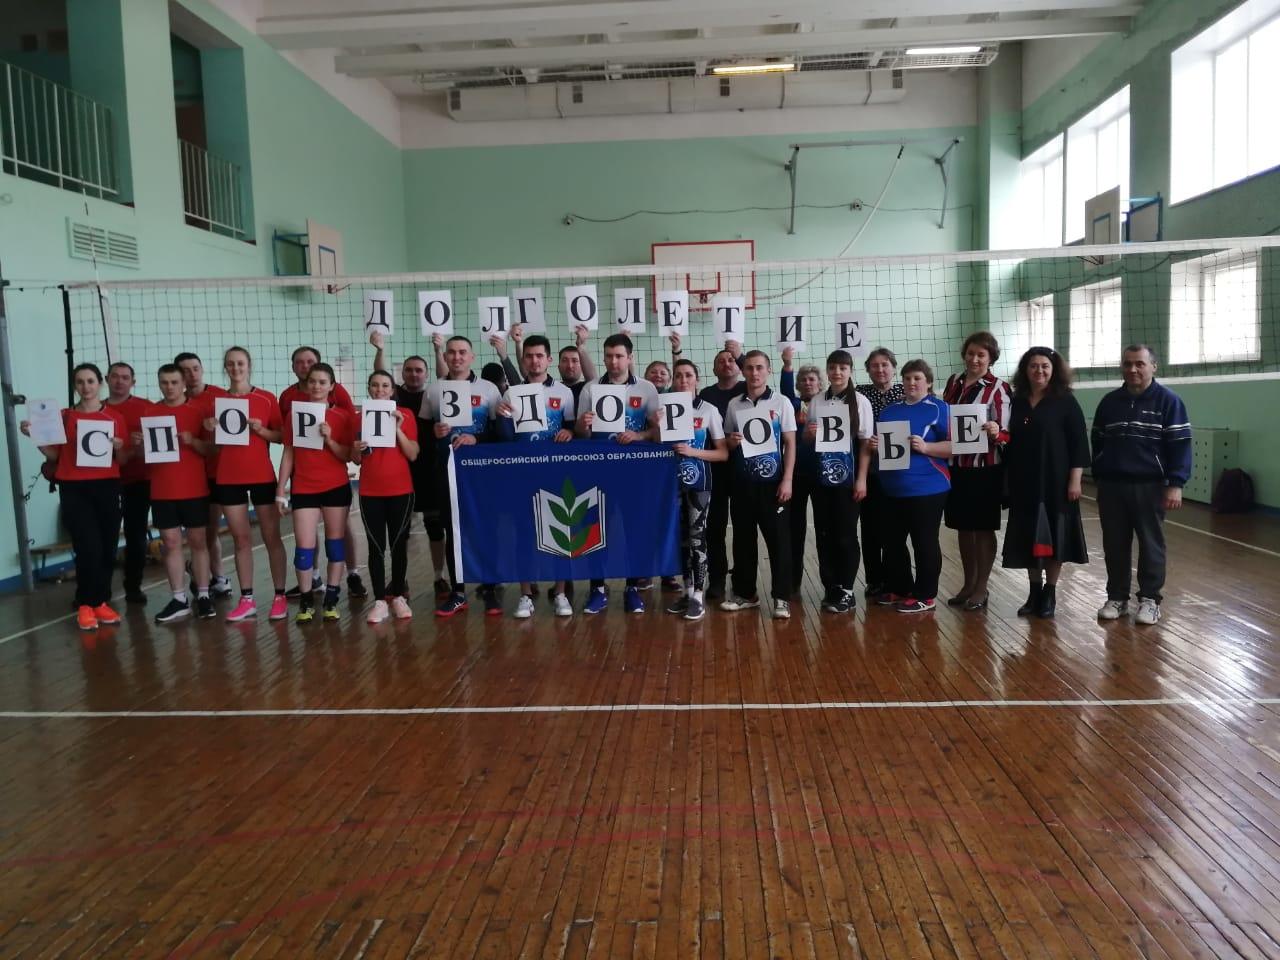 3 апреля 2021 года в городе Можге состоялись республиканские зональные соревнования по волейболу среди работников образования Удмуртской Республики.